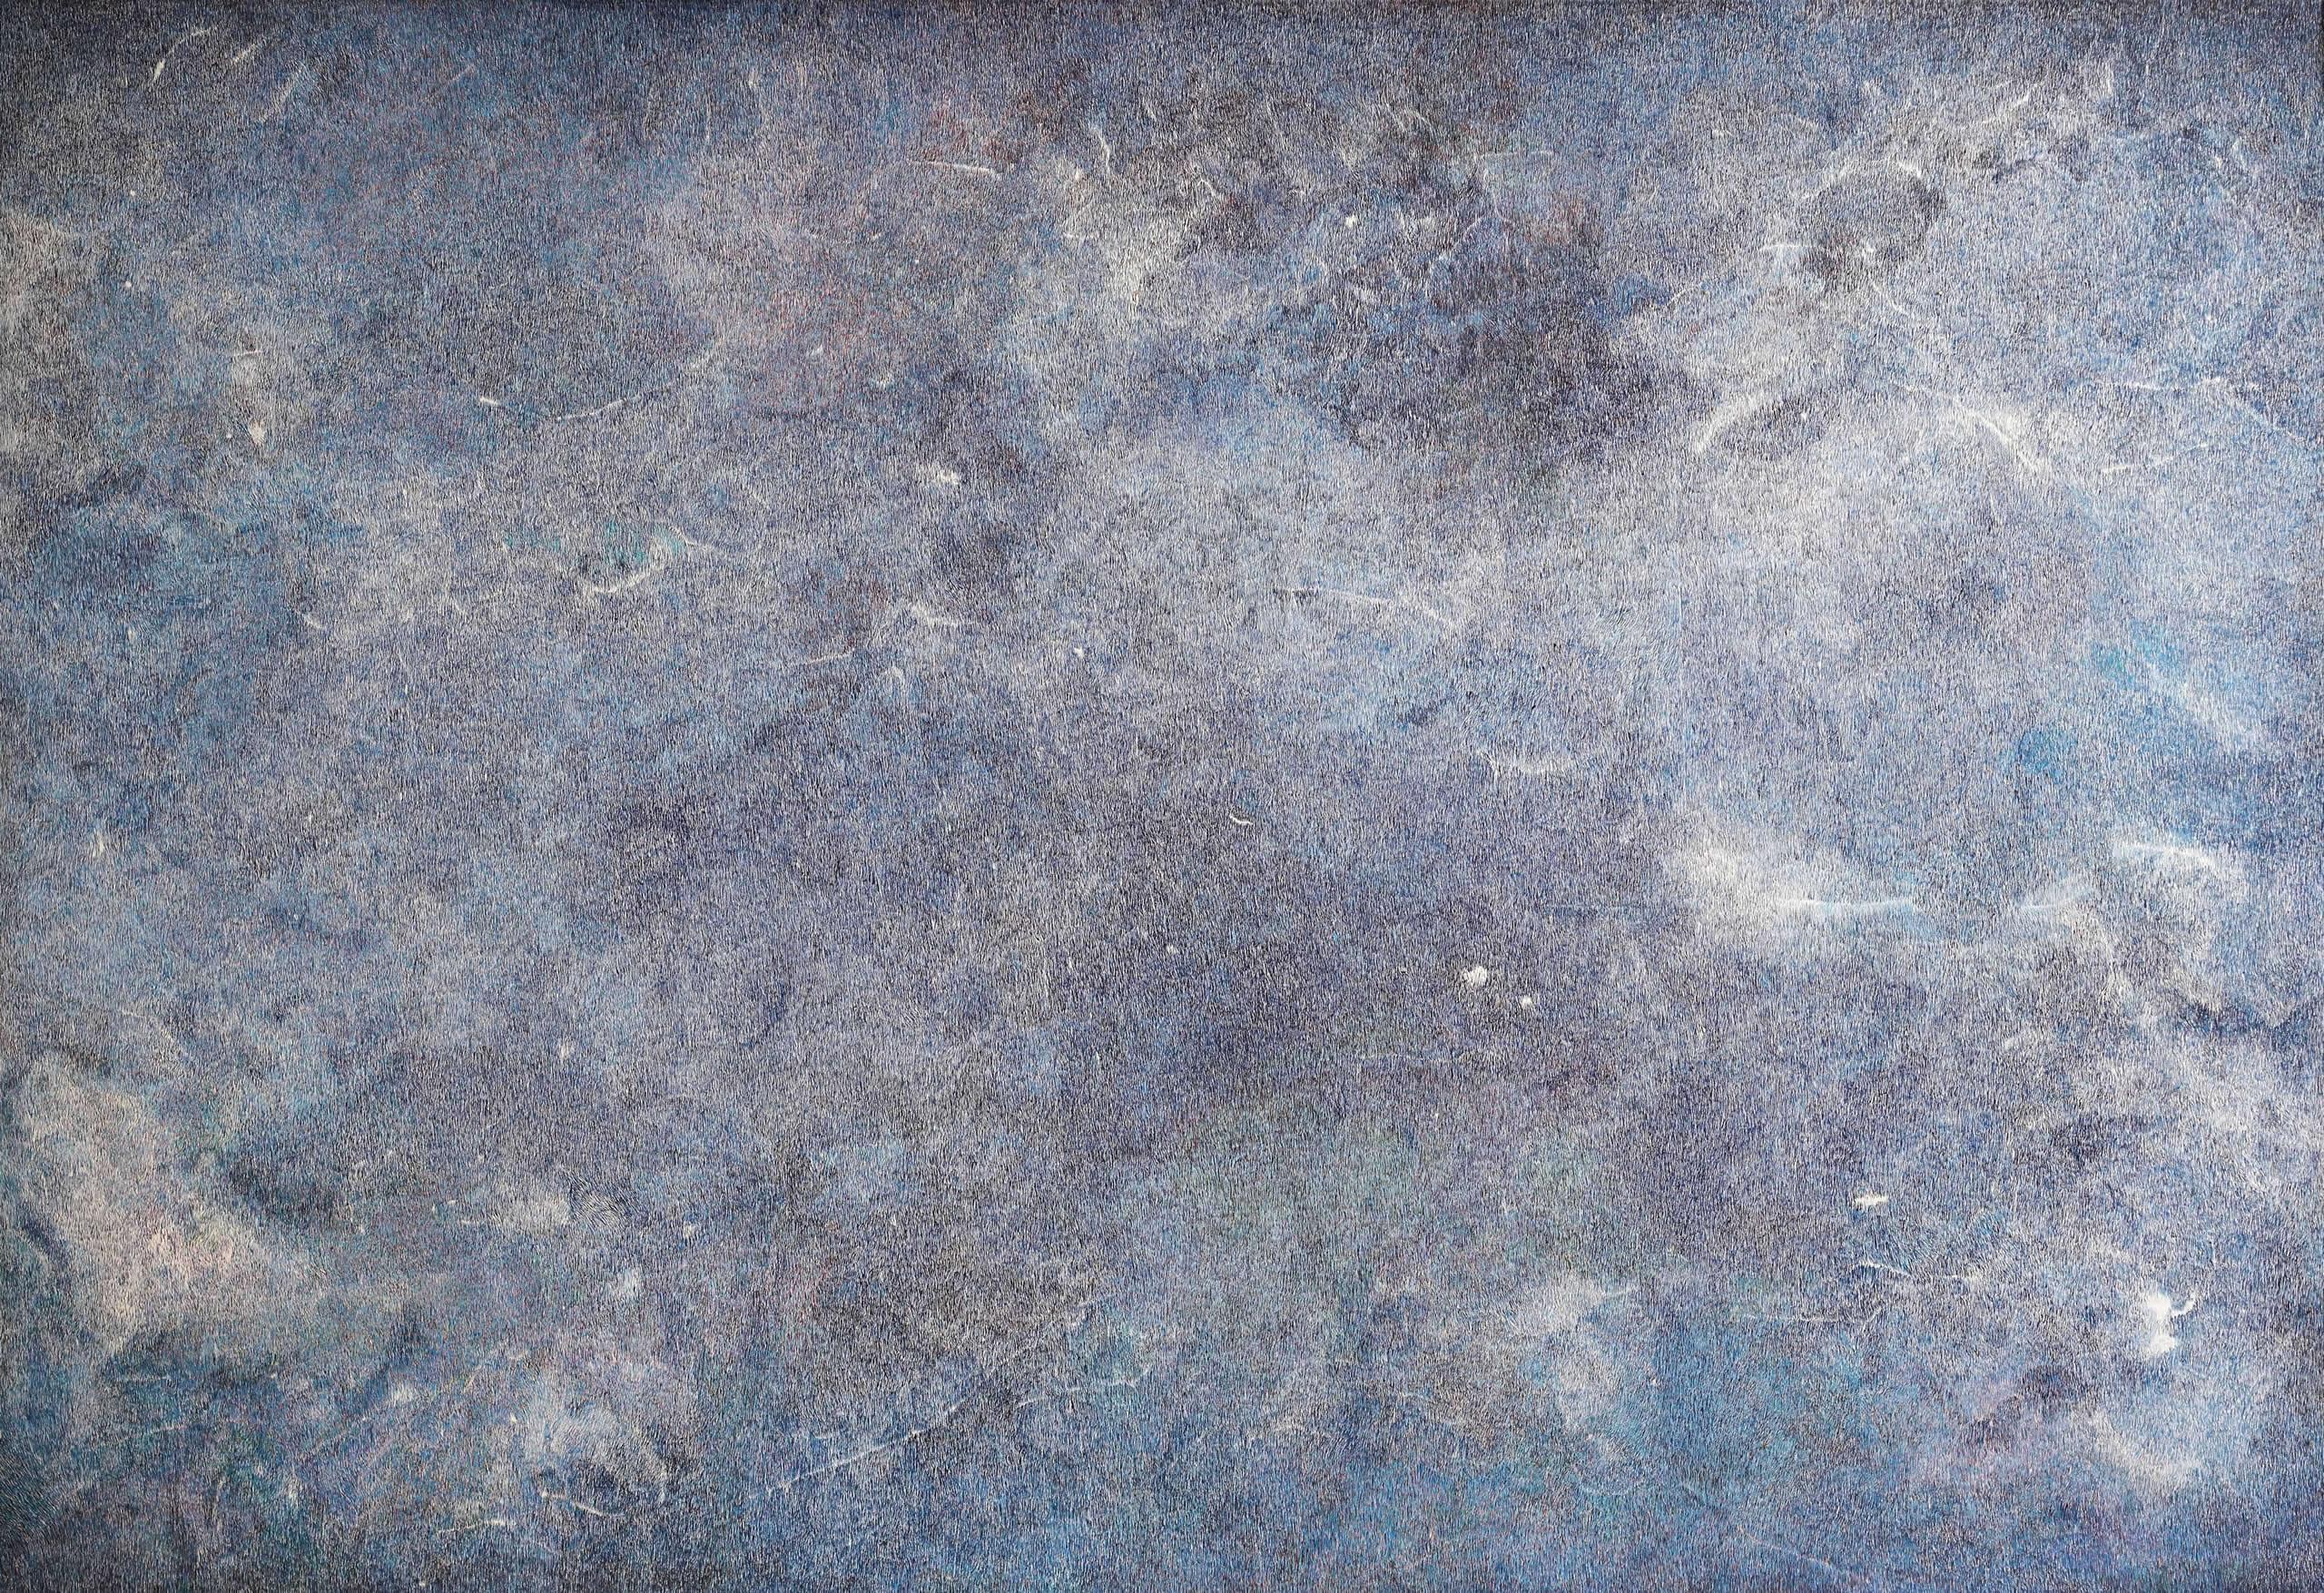 Linda Berger | The mountain never moves | 2019 | Tusche auf Papier | 320 x 220 cm | Strichwelten & Luftkörper | 2019-11 | Galerie3